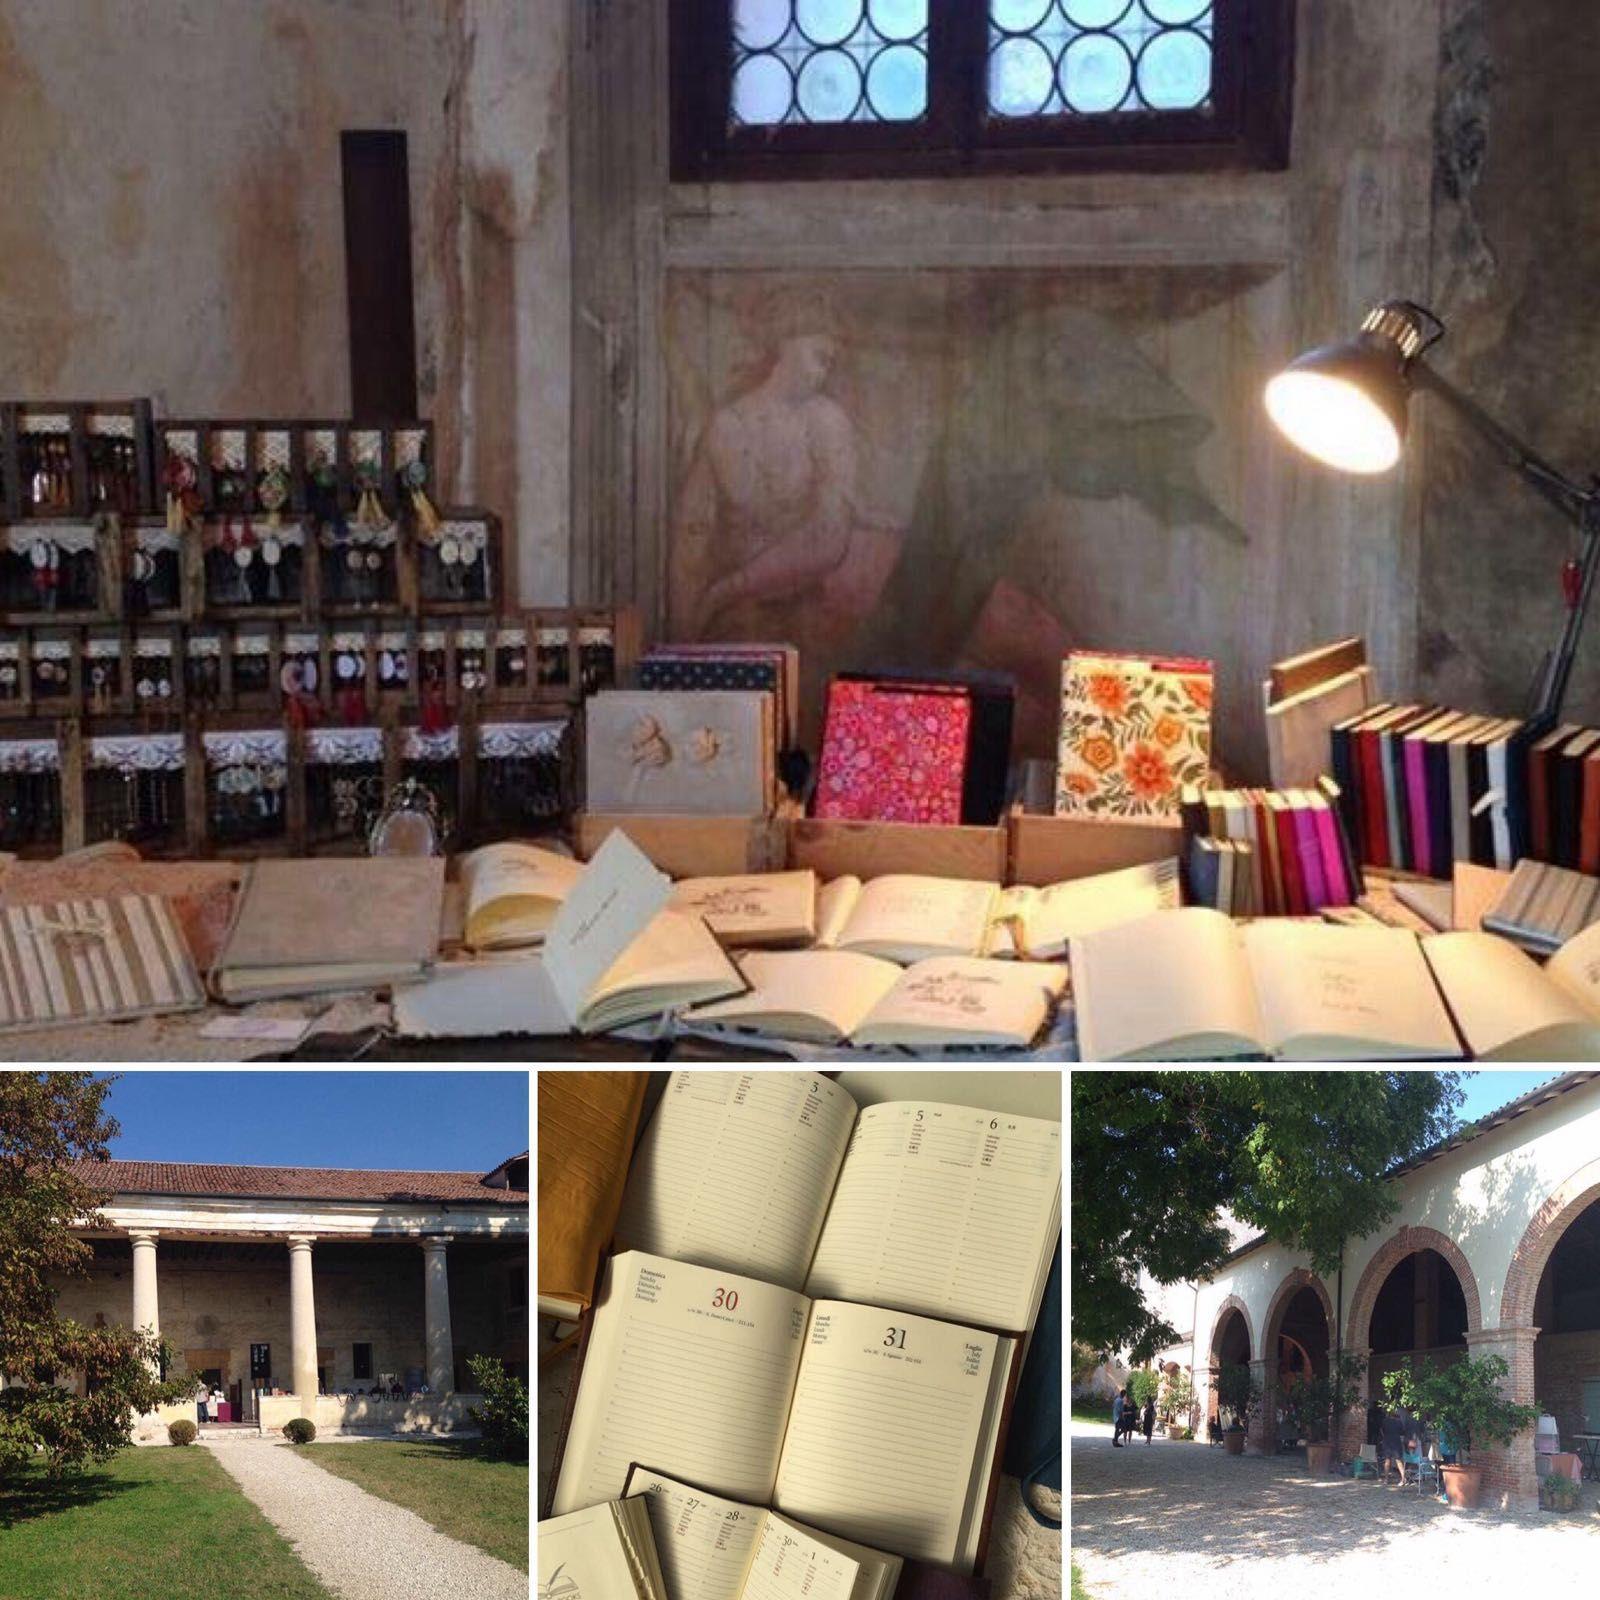 Villa Sesso Schiavo (VI) una bellezza palladiana che ospita #lizziemargherita #handmade #madeinitaly #picoftheday #bookbinder #palladio #eventisettembre #2016 #italy #impressionidisettembre